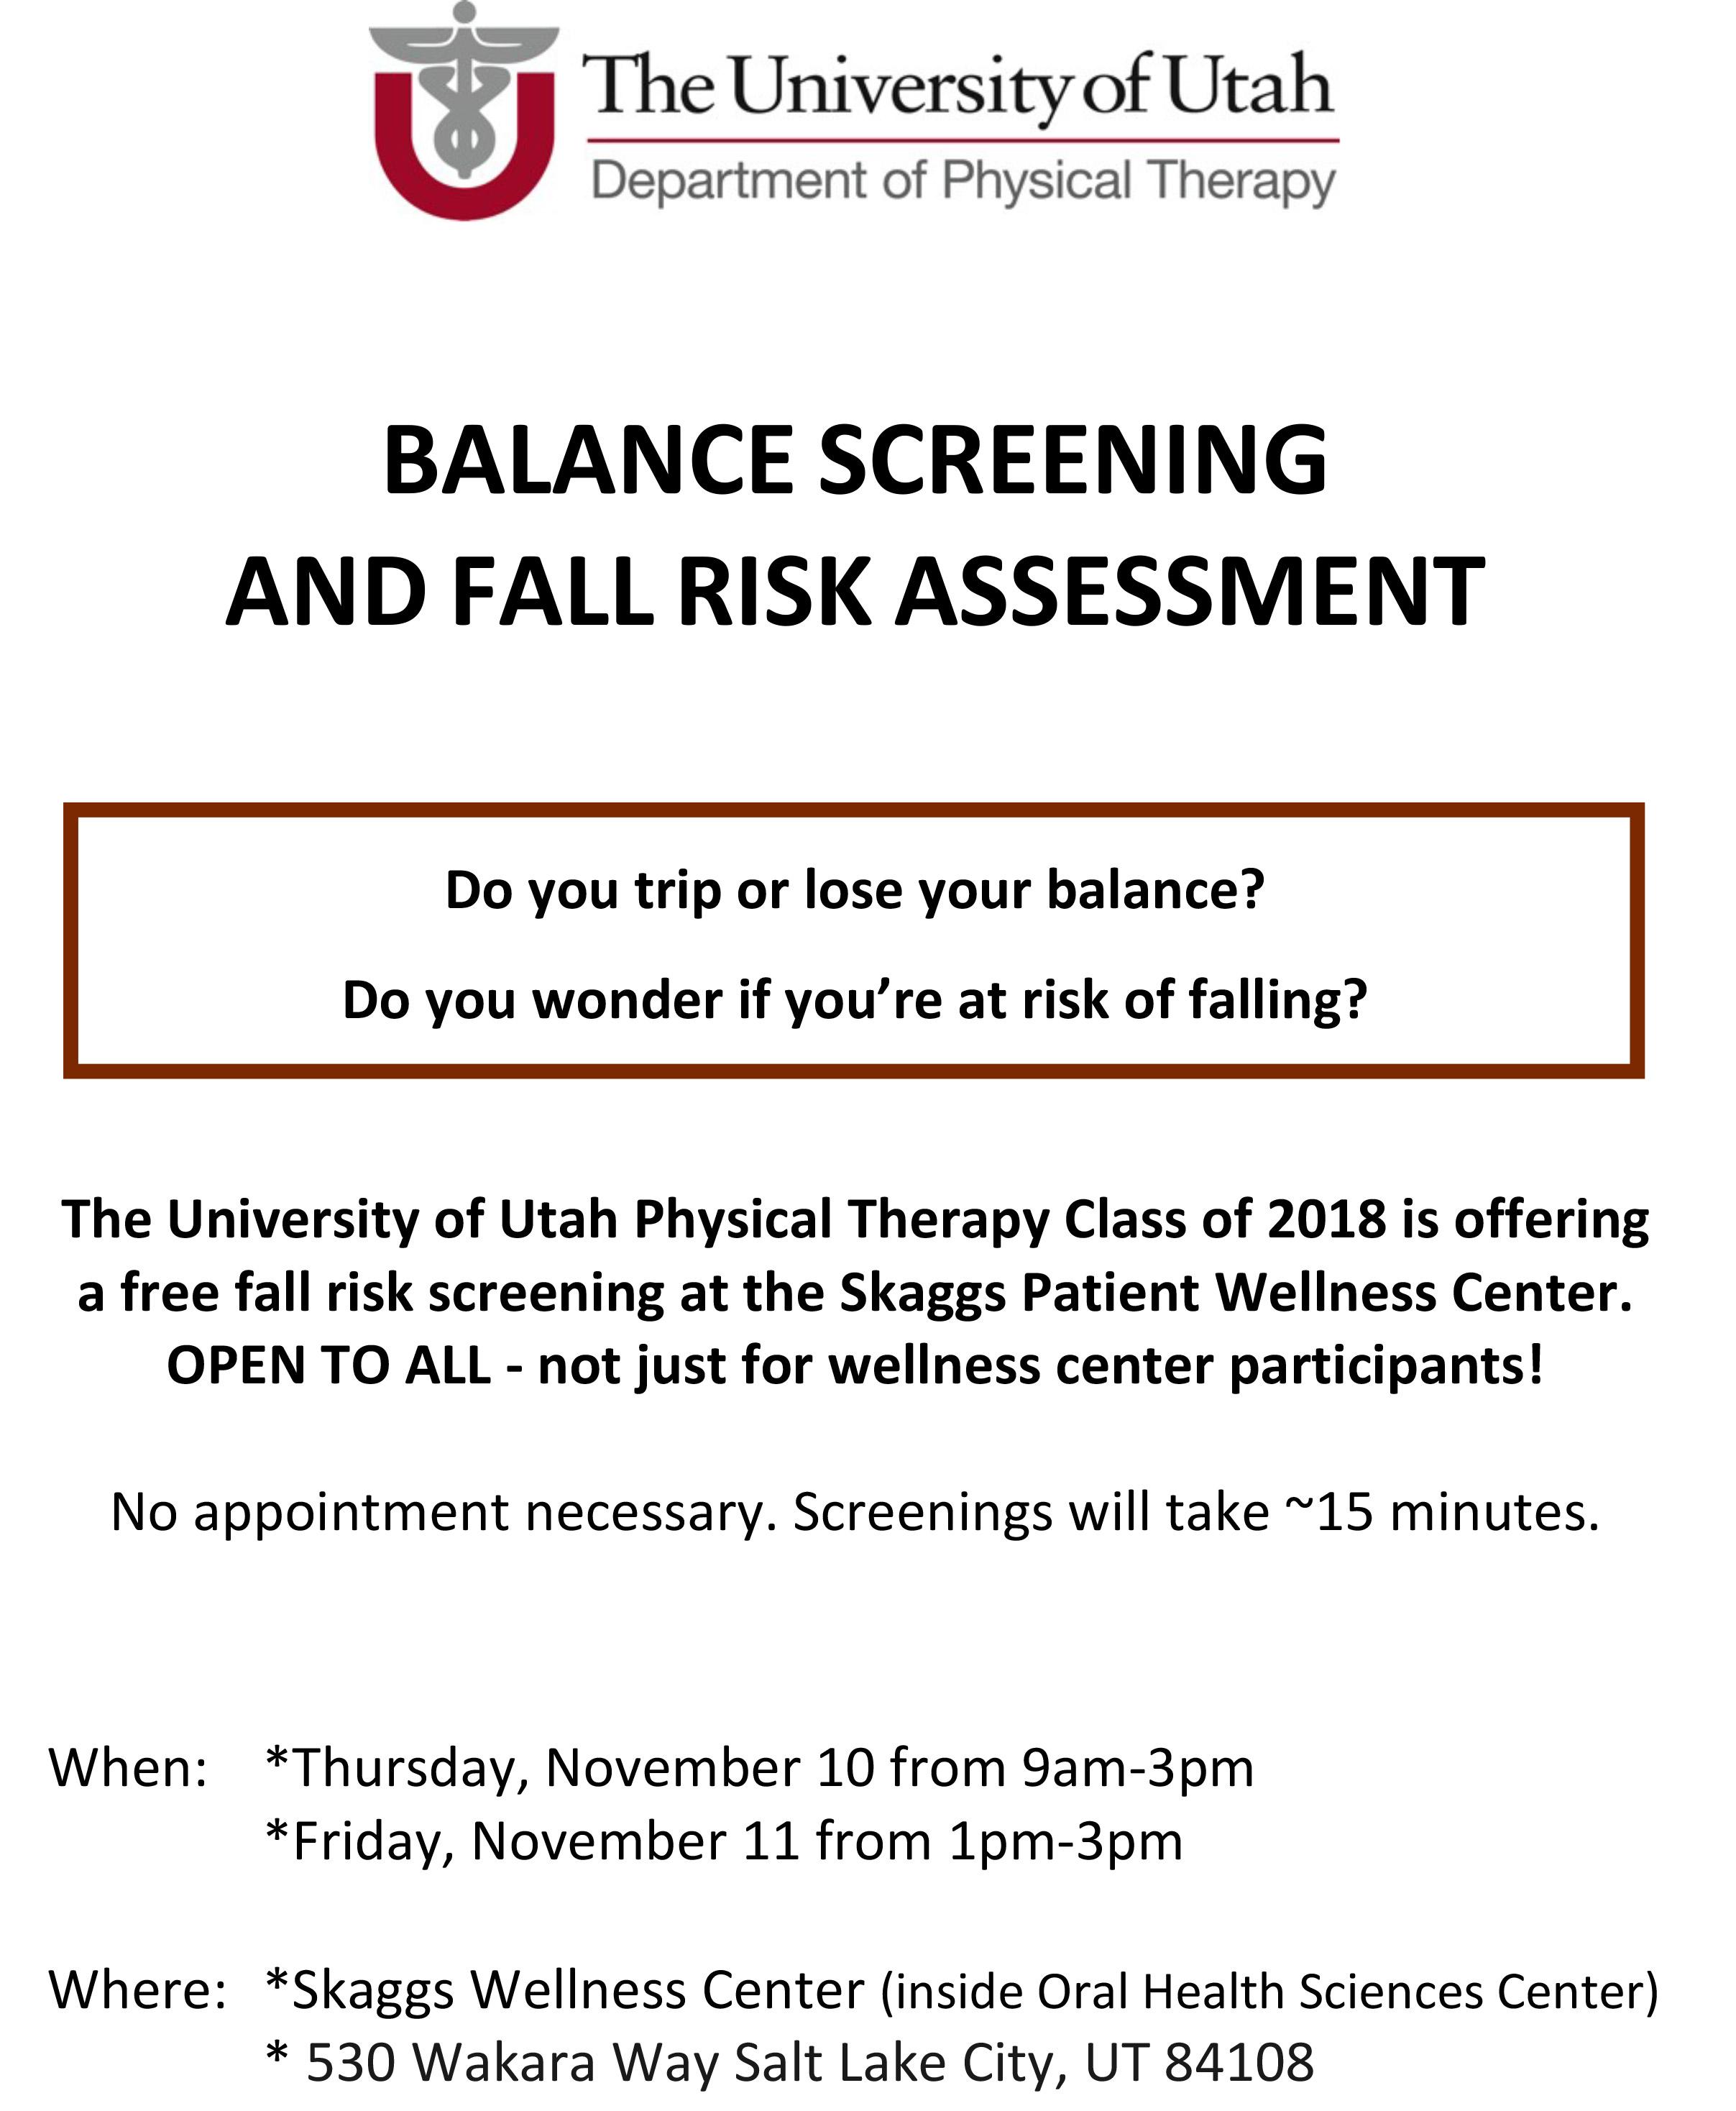 flyer-fall-risk-screening-draft-2